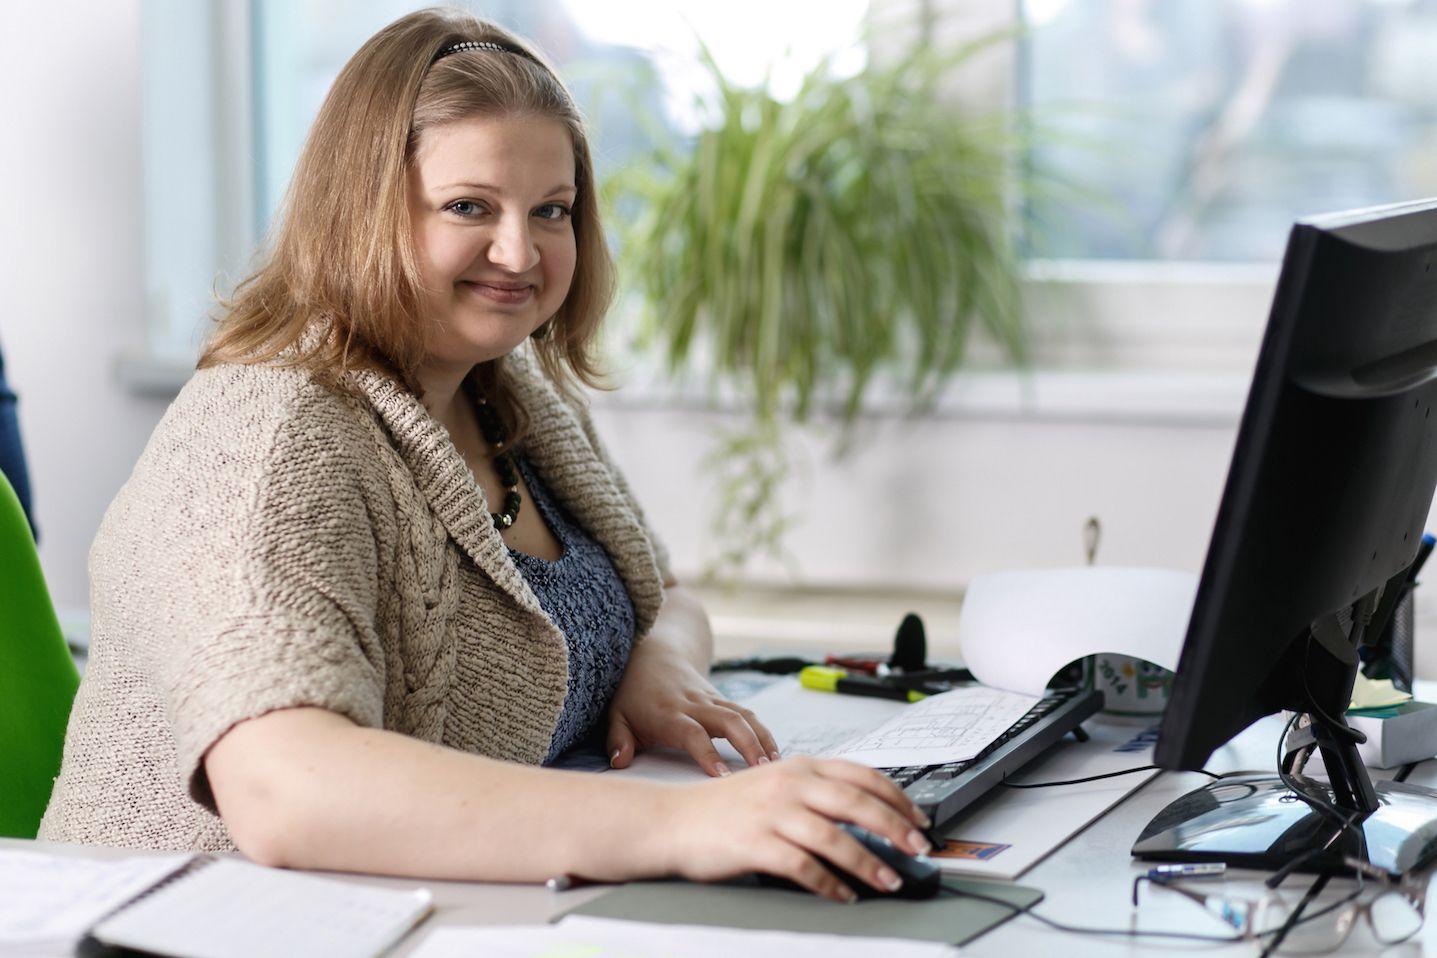 El impacto del sedentarismo, consecuencias en las empresas